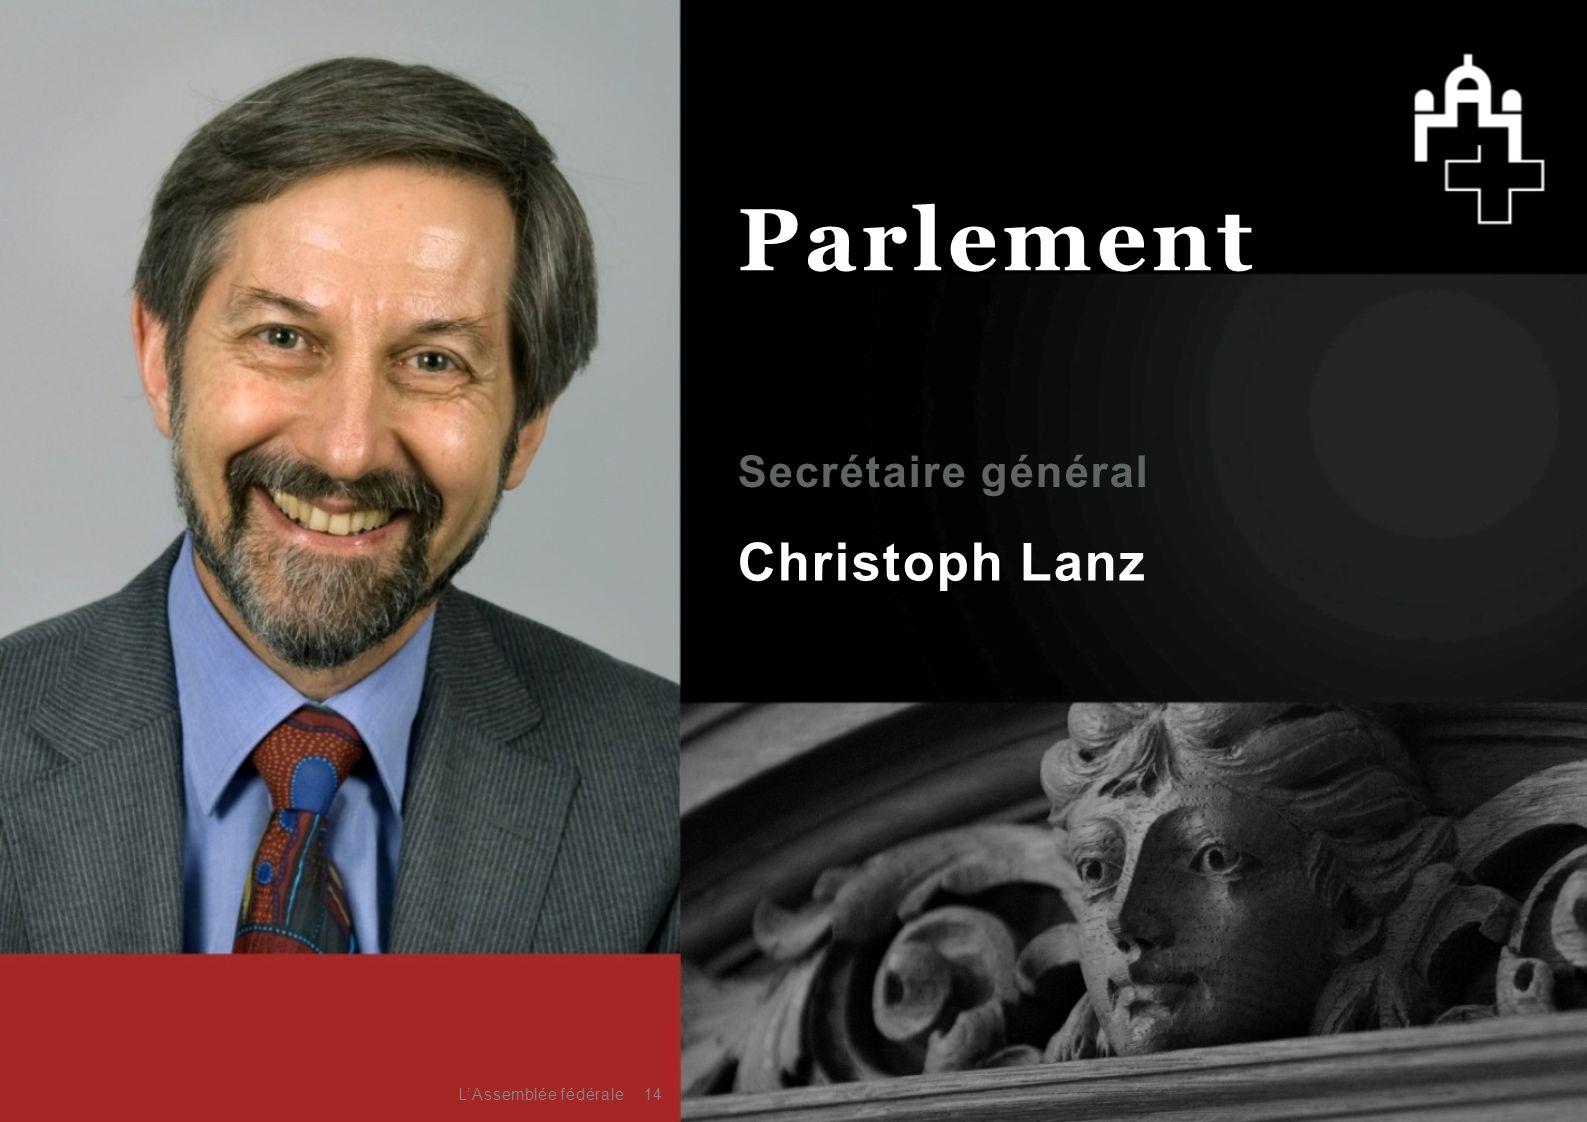 Parlement Secrétaire général Christoph Lanz L'Assemblée fédérale